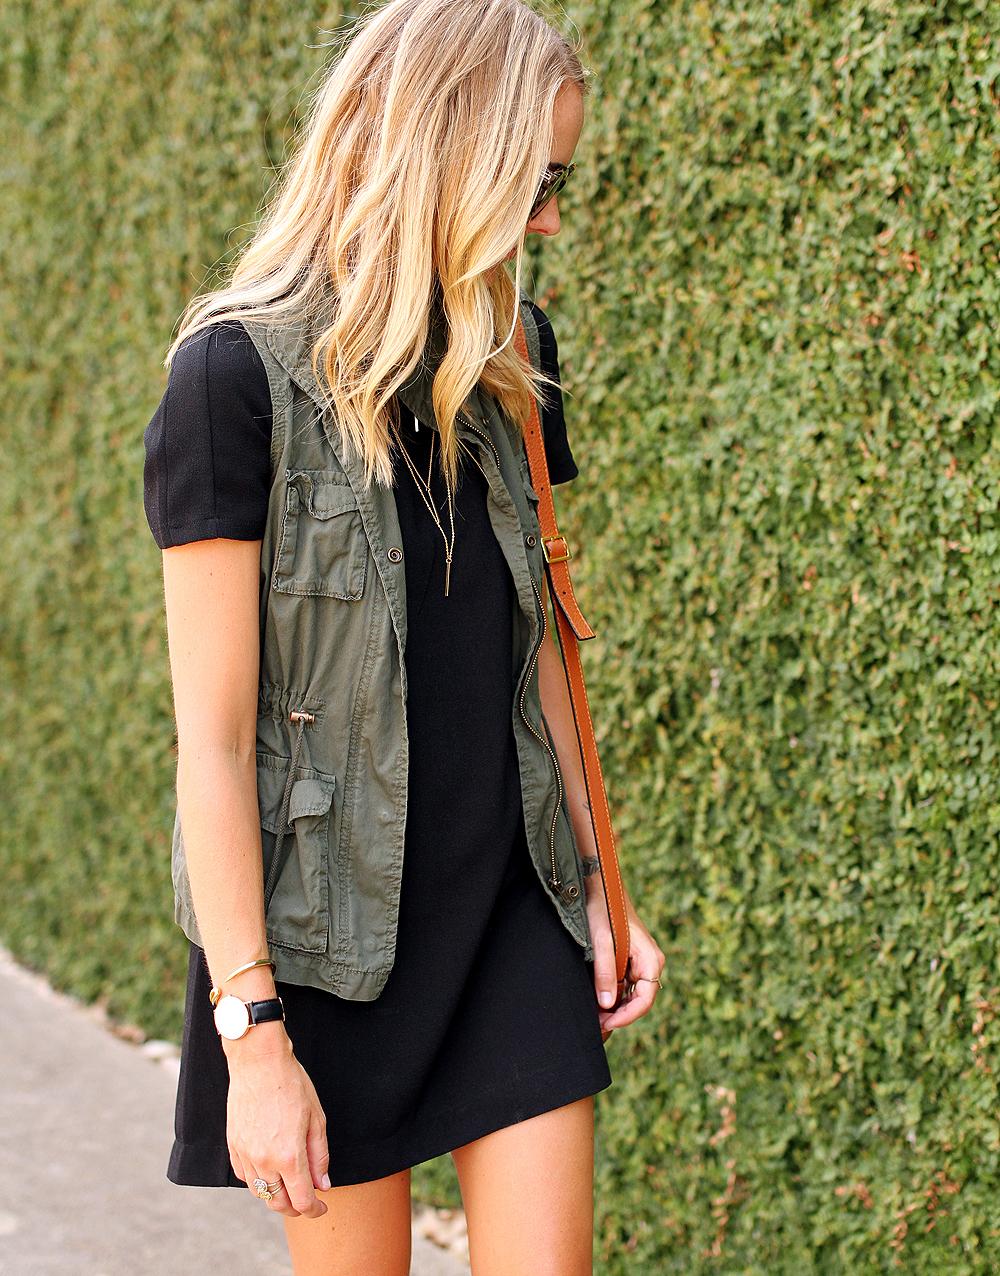 fashion-jackson-short-sleeve-black-dress-olive-utility-vest